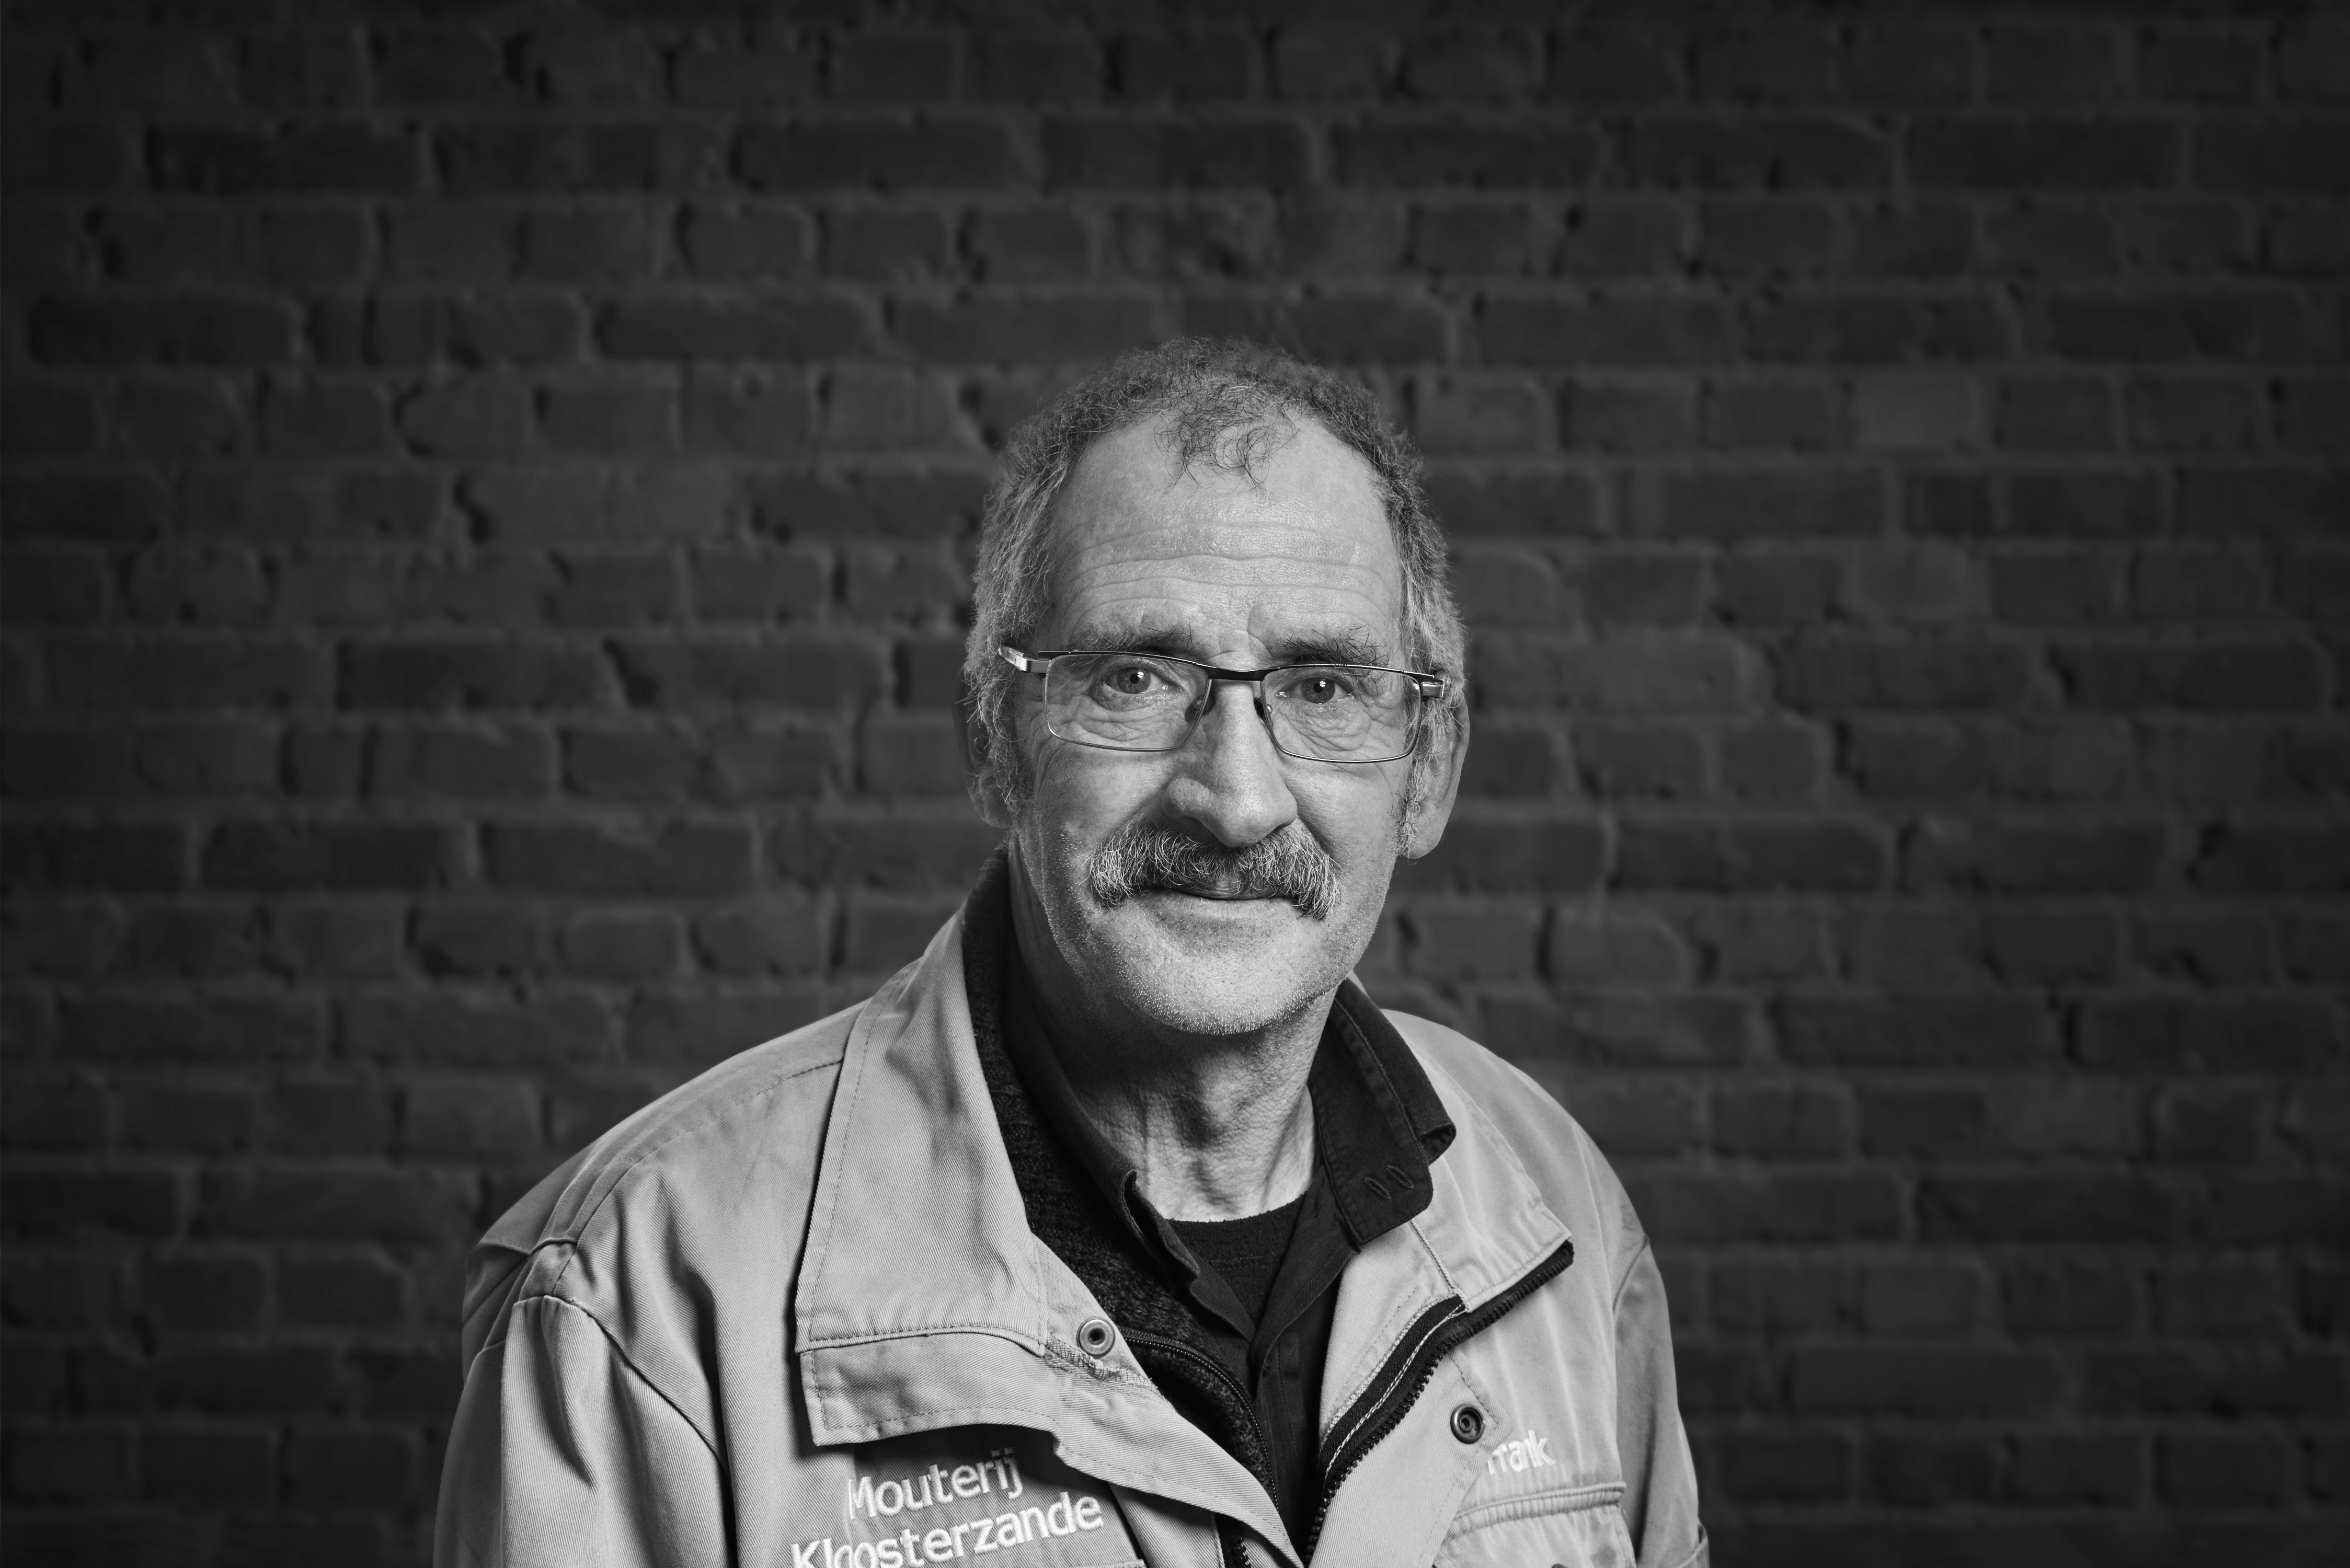 Frank van Swaal